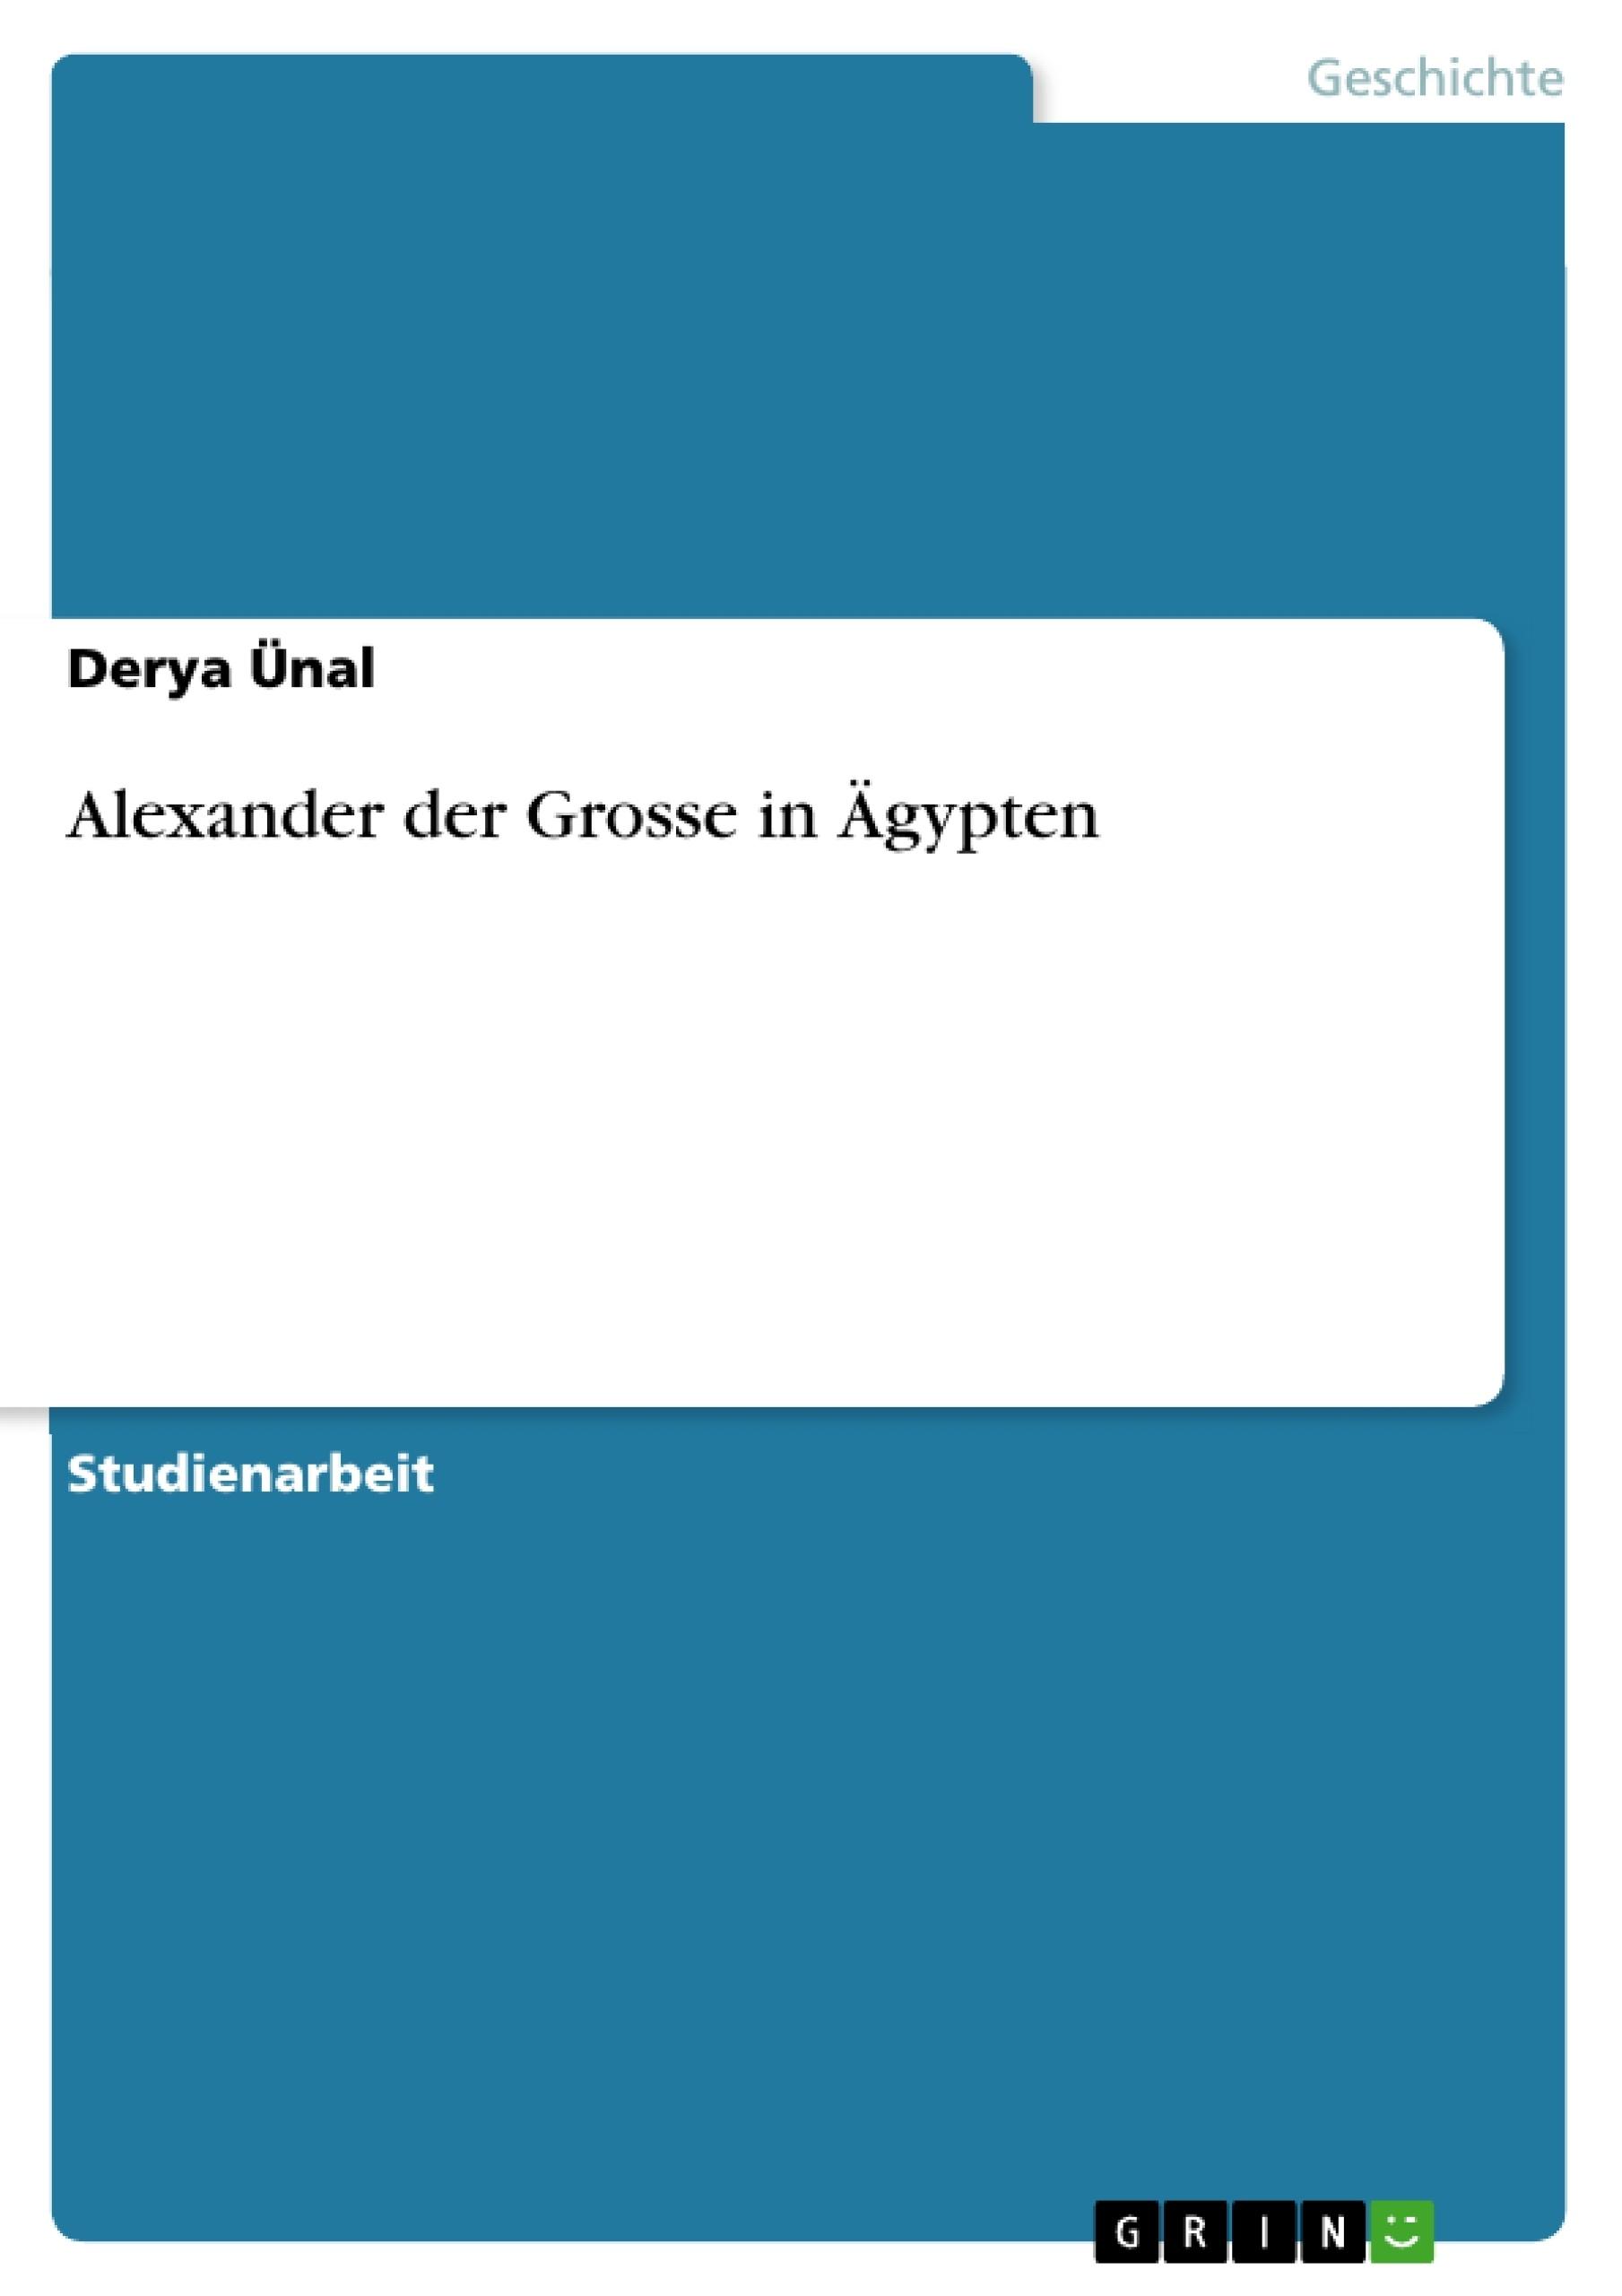 Titel: Alexander der Grosse in Ägypten